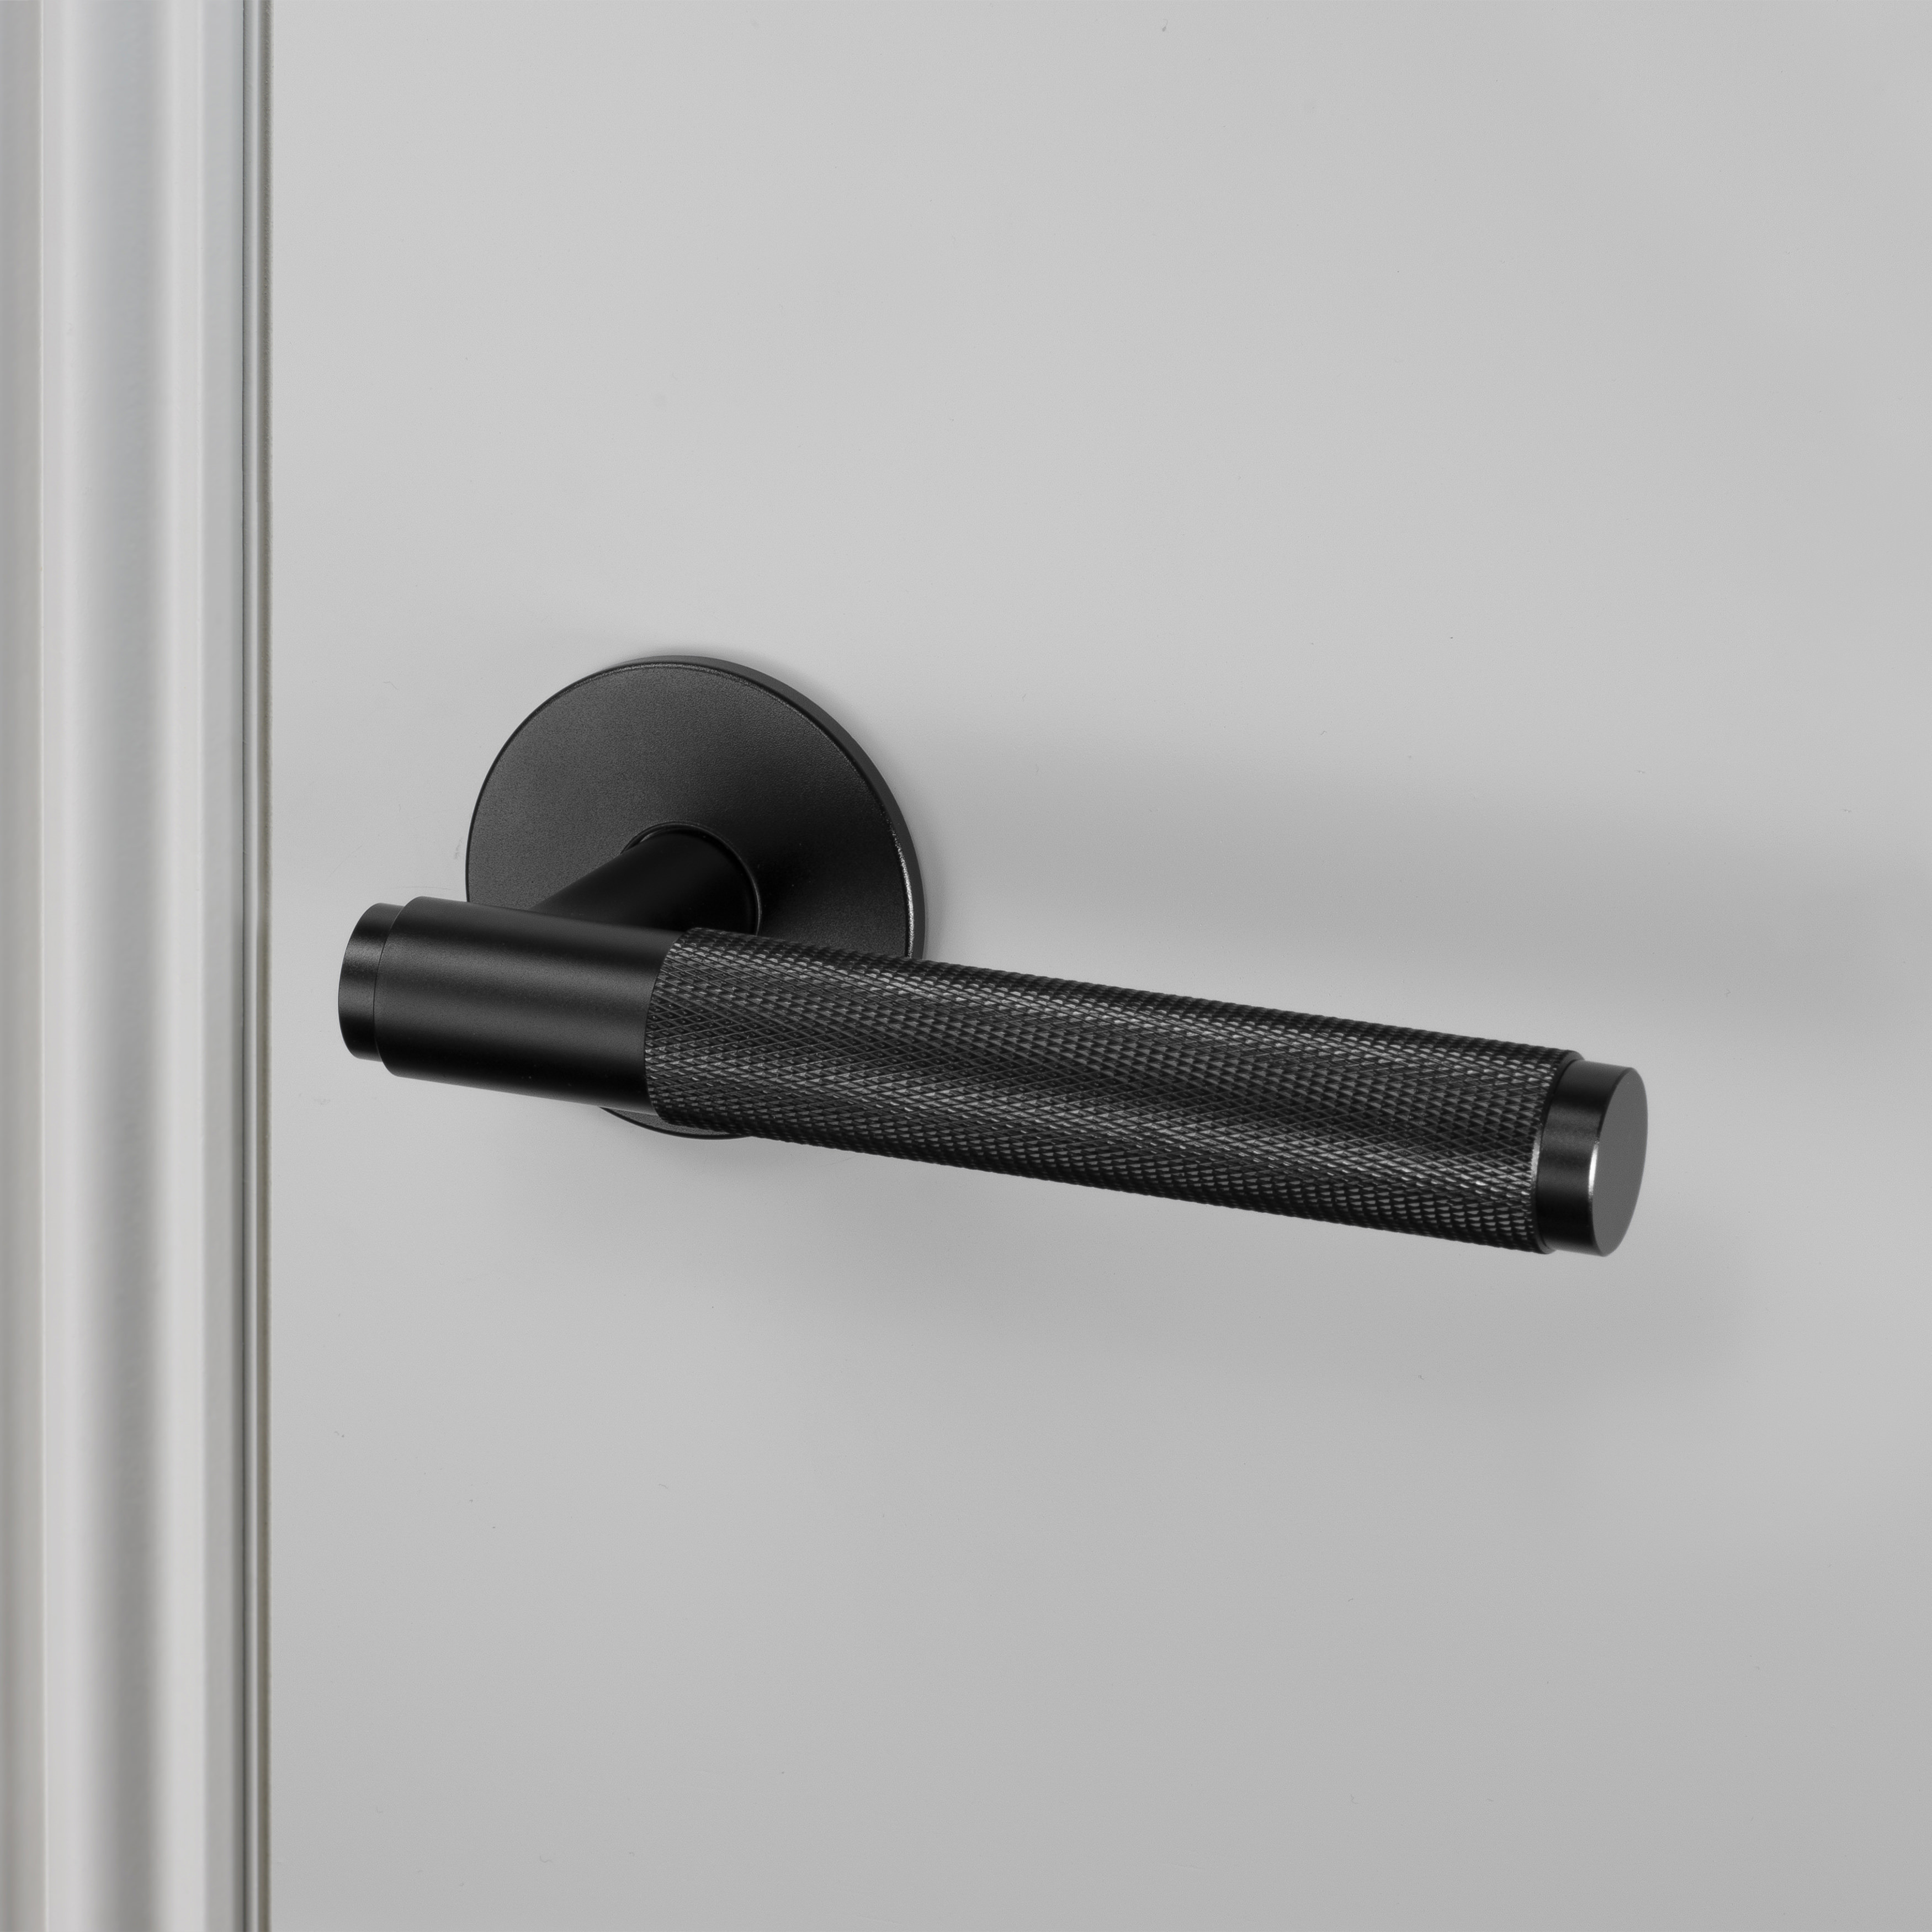 DOOR LEVER HANDLE / BLACK